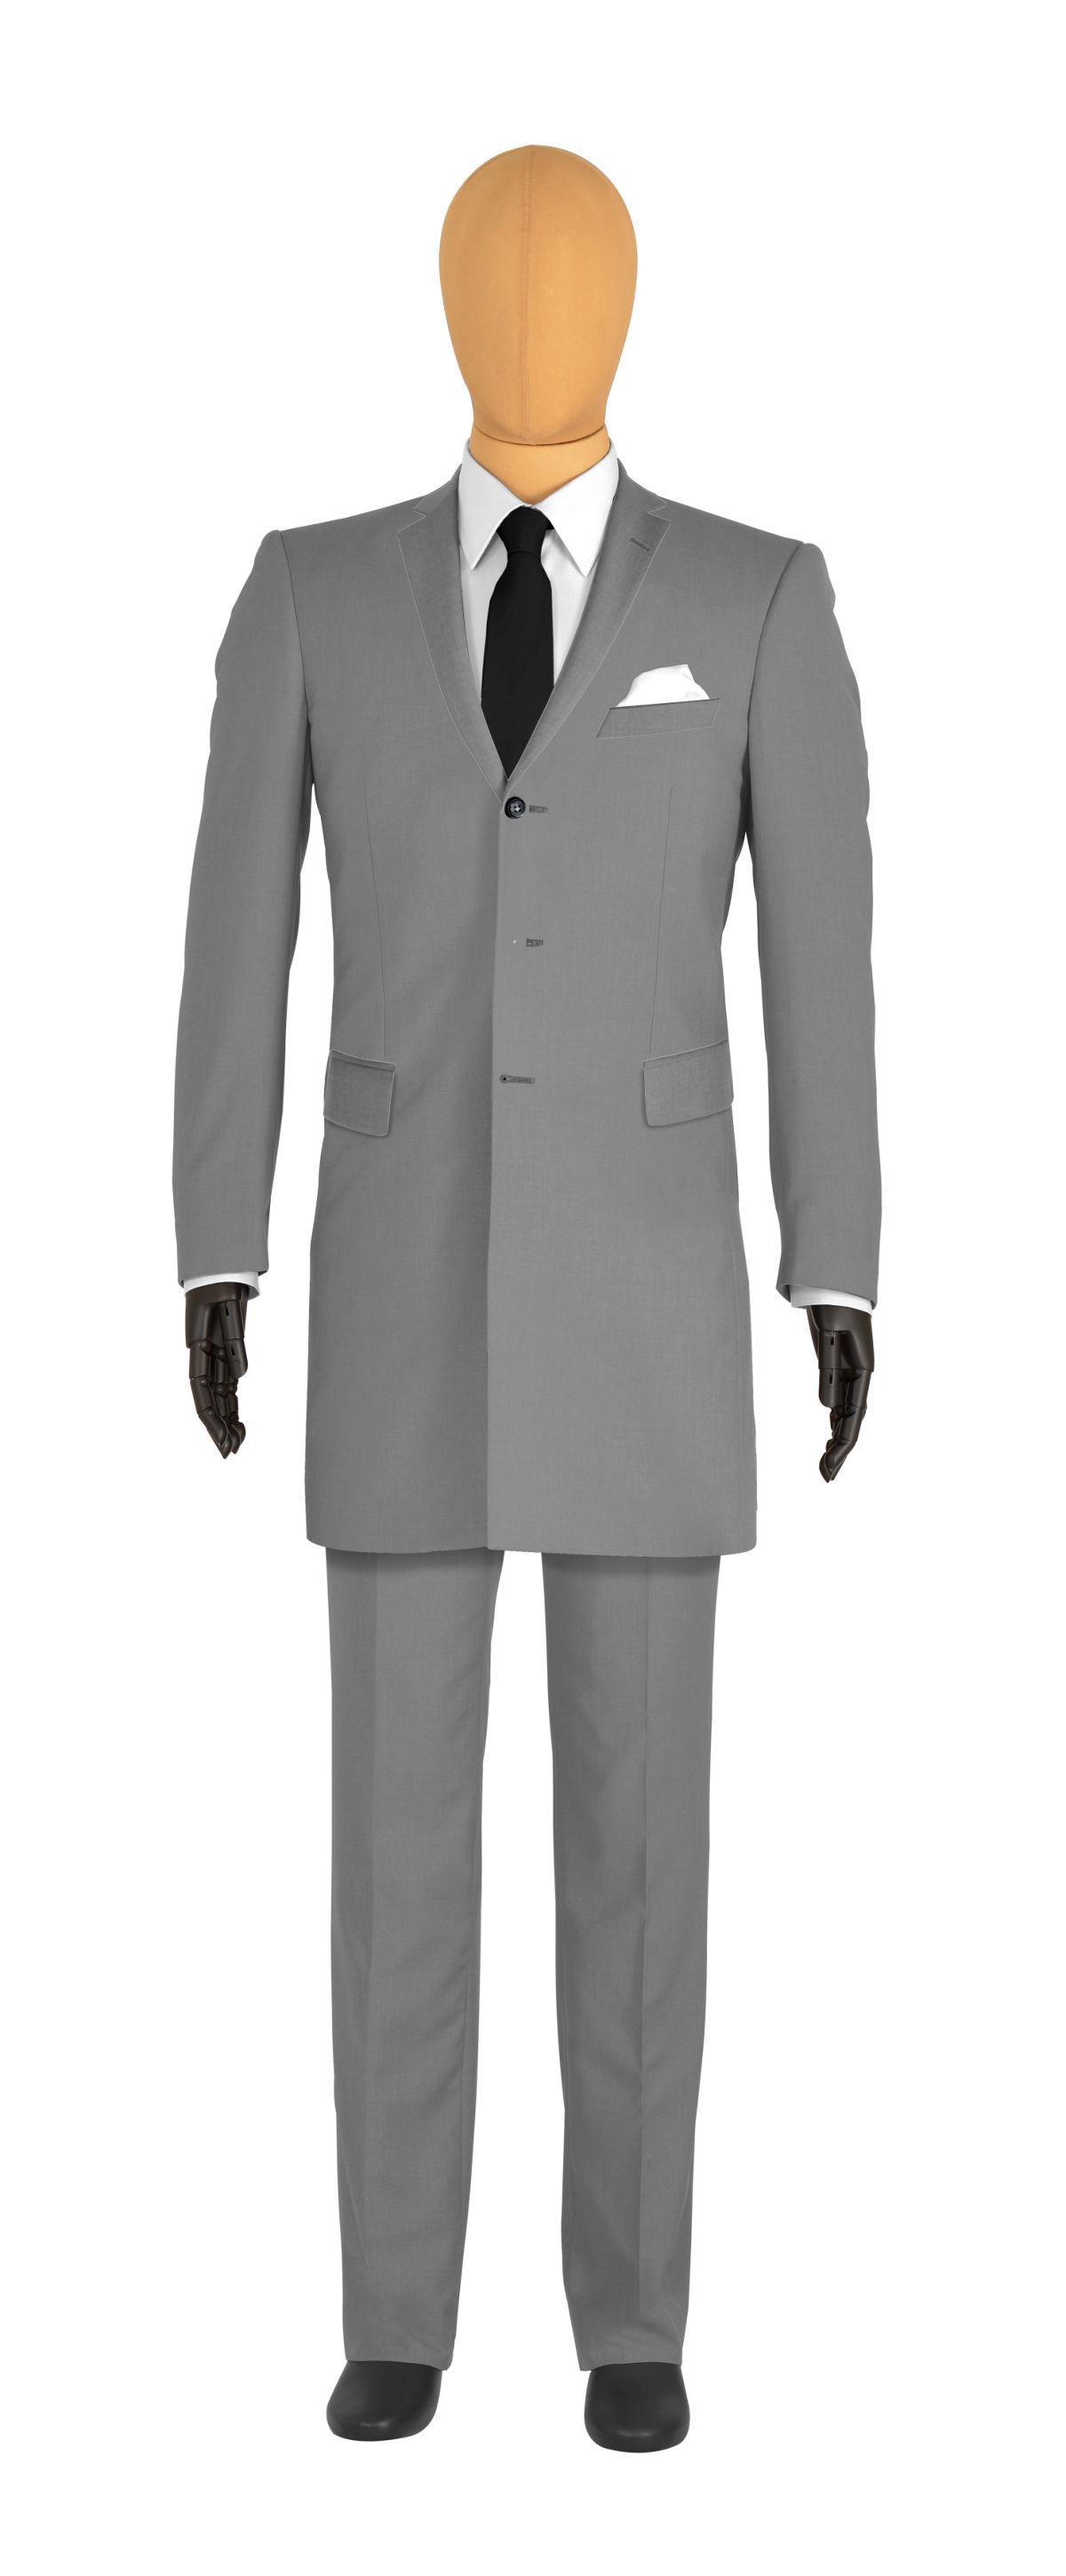 Costume redingote gris anthracite Dormeuil